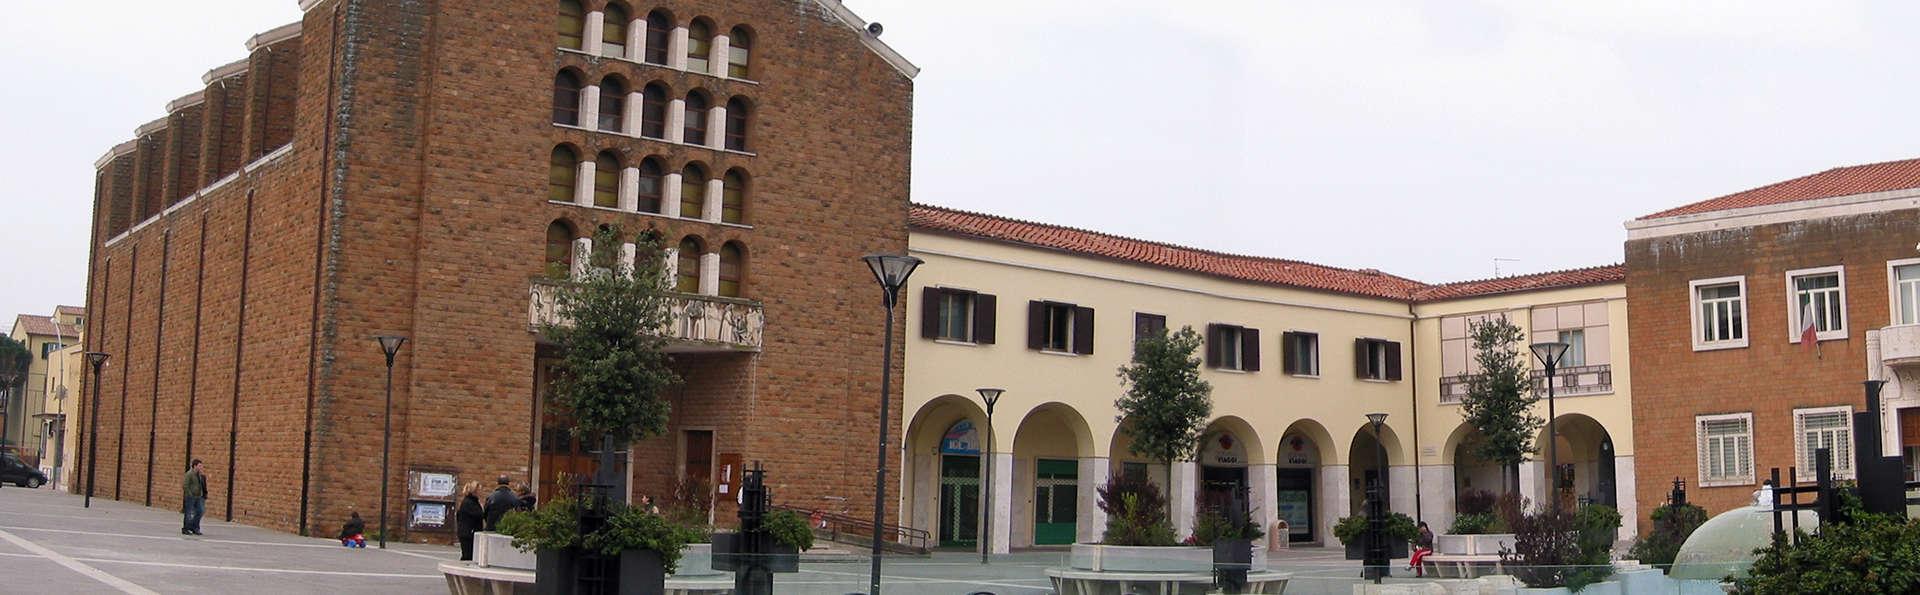 Hotel Antonella - Edit_Pomezia.jpg